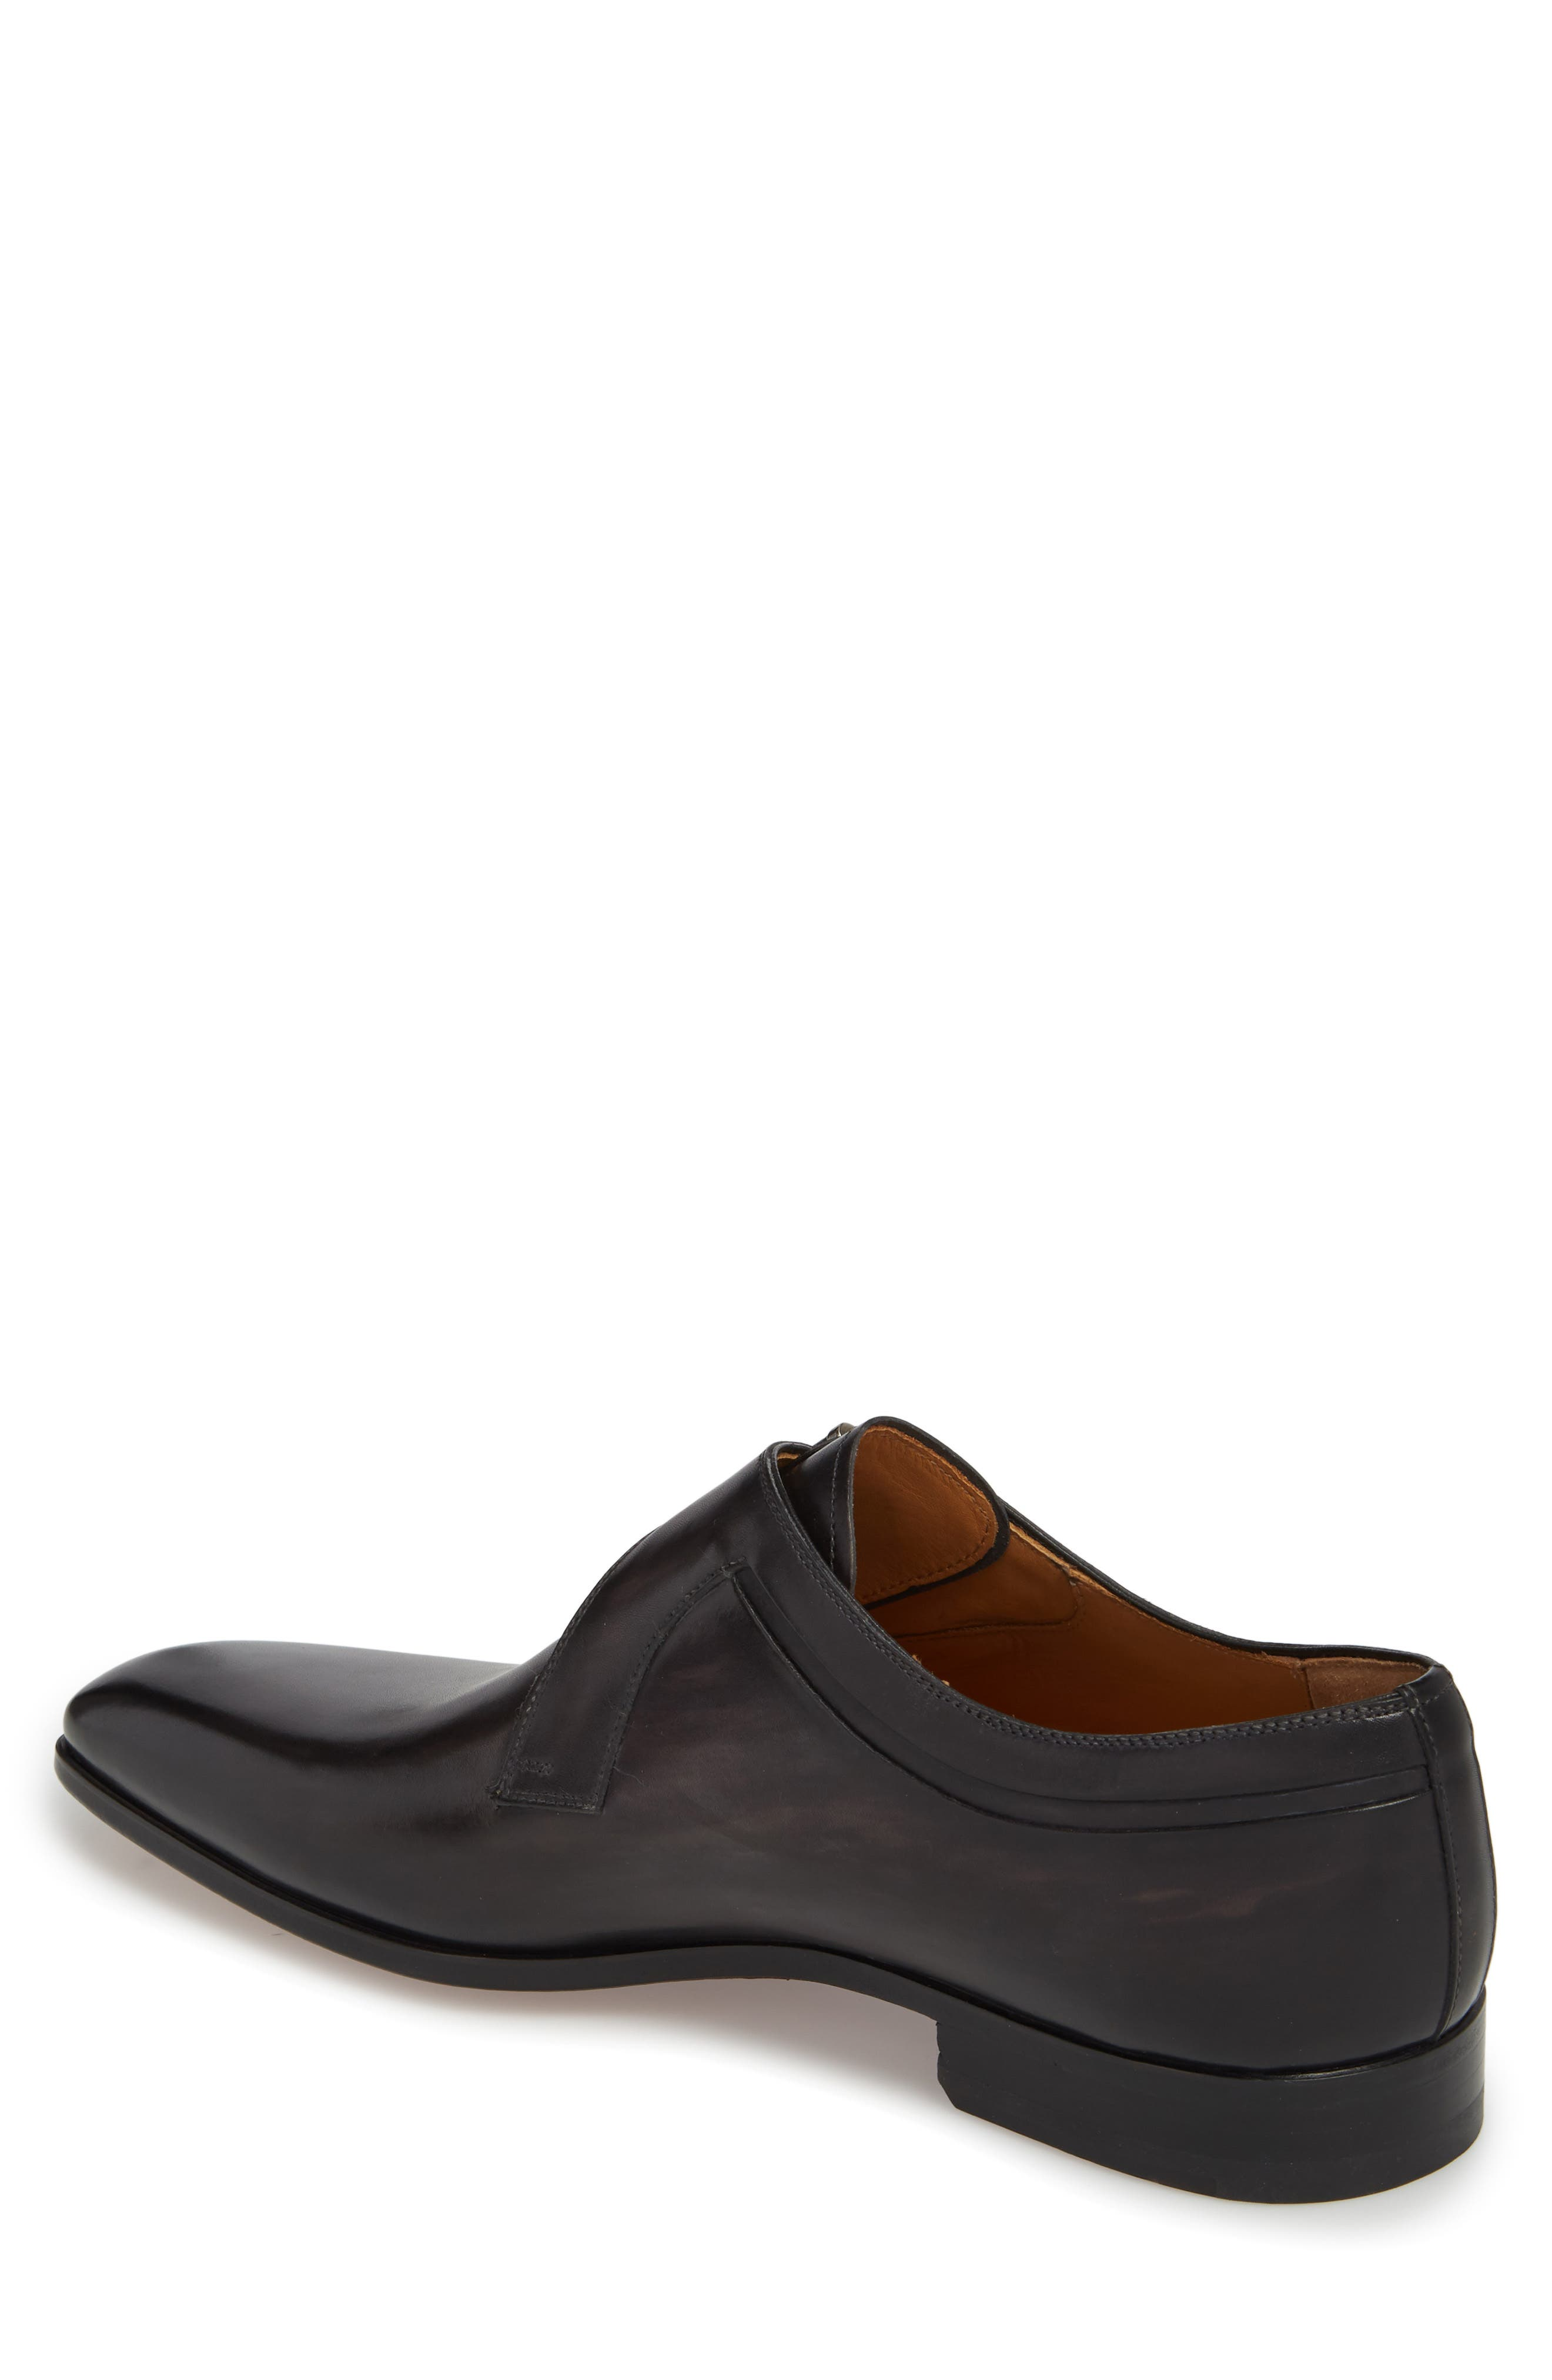 Toma Single Buckle Monk Shoe,                             Alternate thumbnail 2, color,                             020